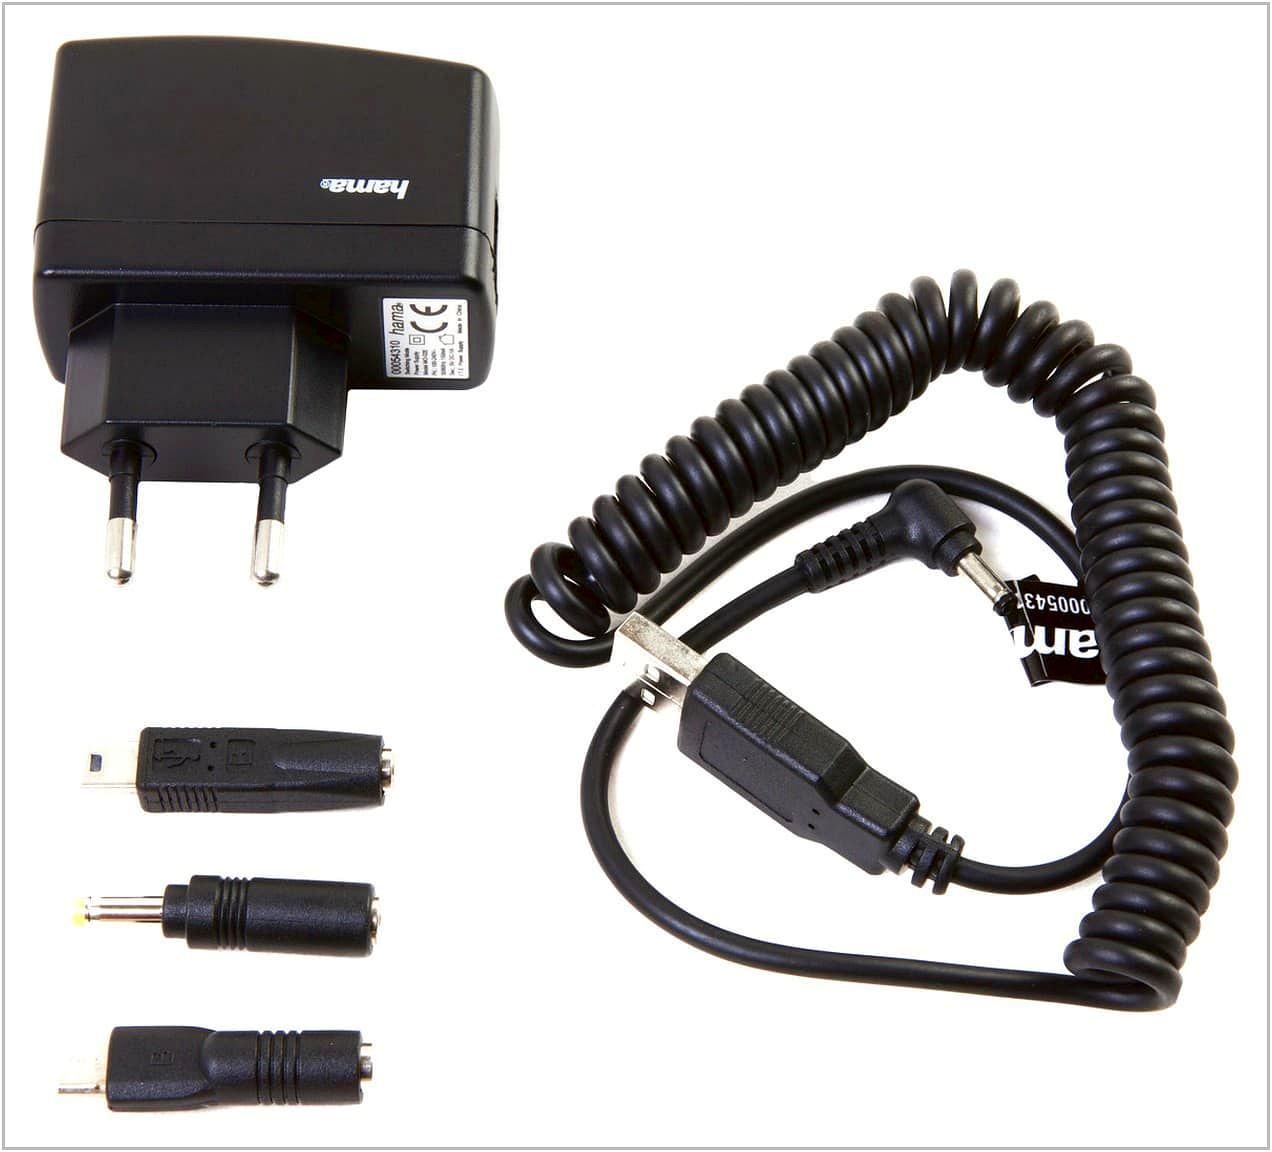 Зарядное устройство для Sony PRS-350 Reader Pocket Edition HAMA H-54310